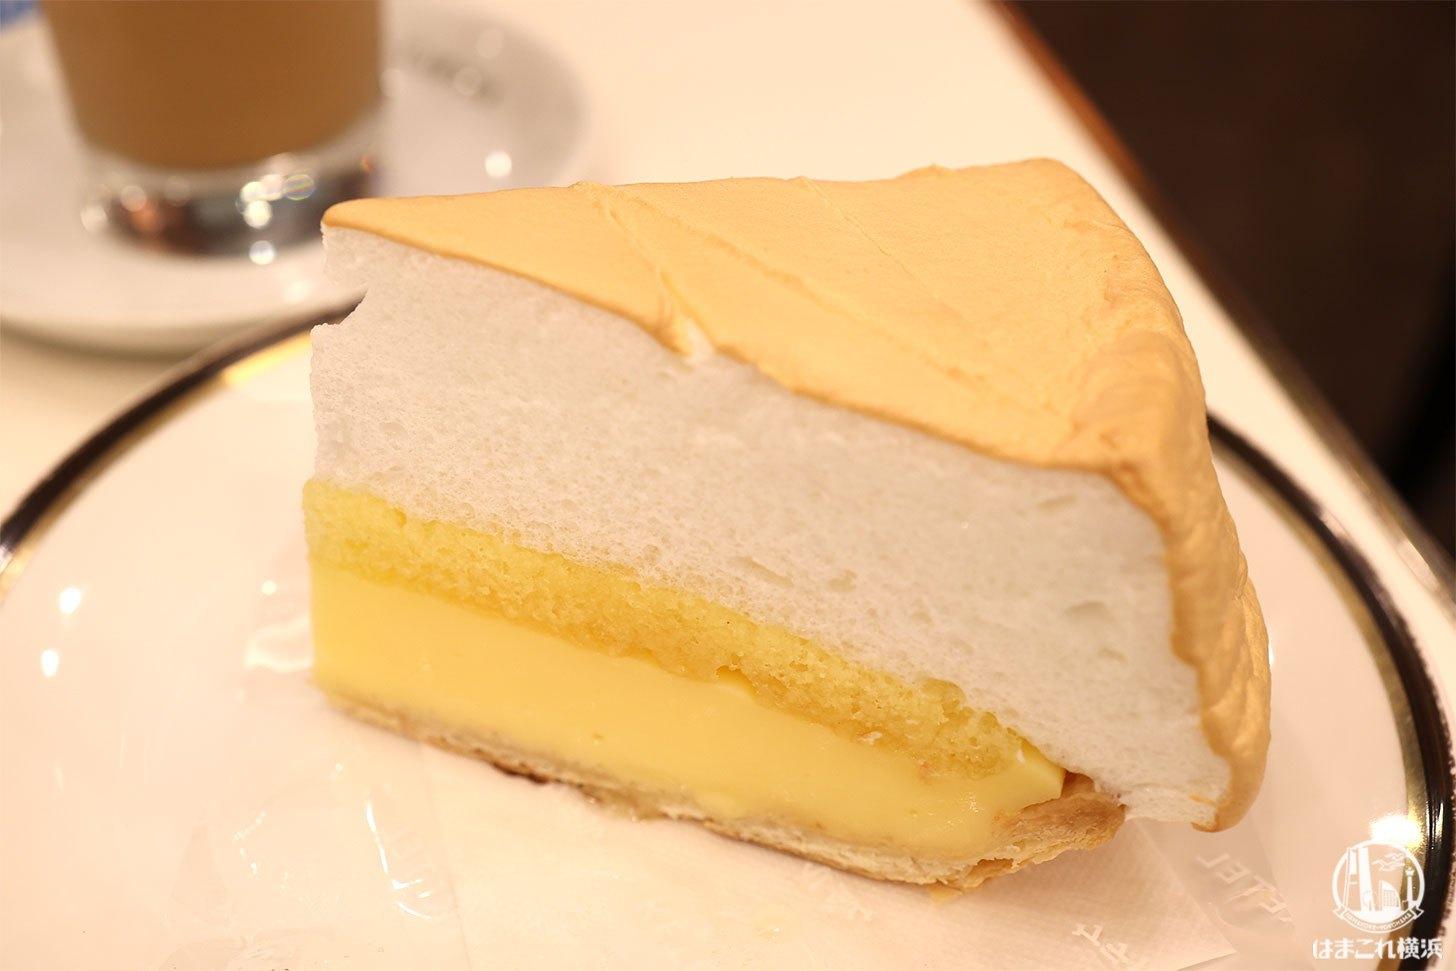 イノダコーヒーのレモンパイが新感覚で美味!横浜高島屋の落ち着く喫茶店